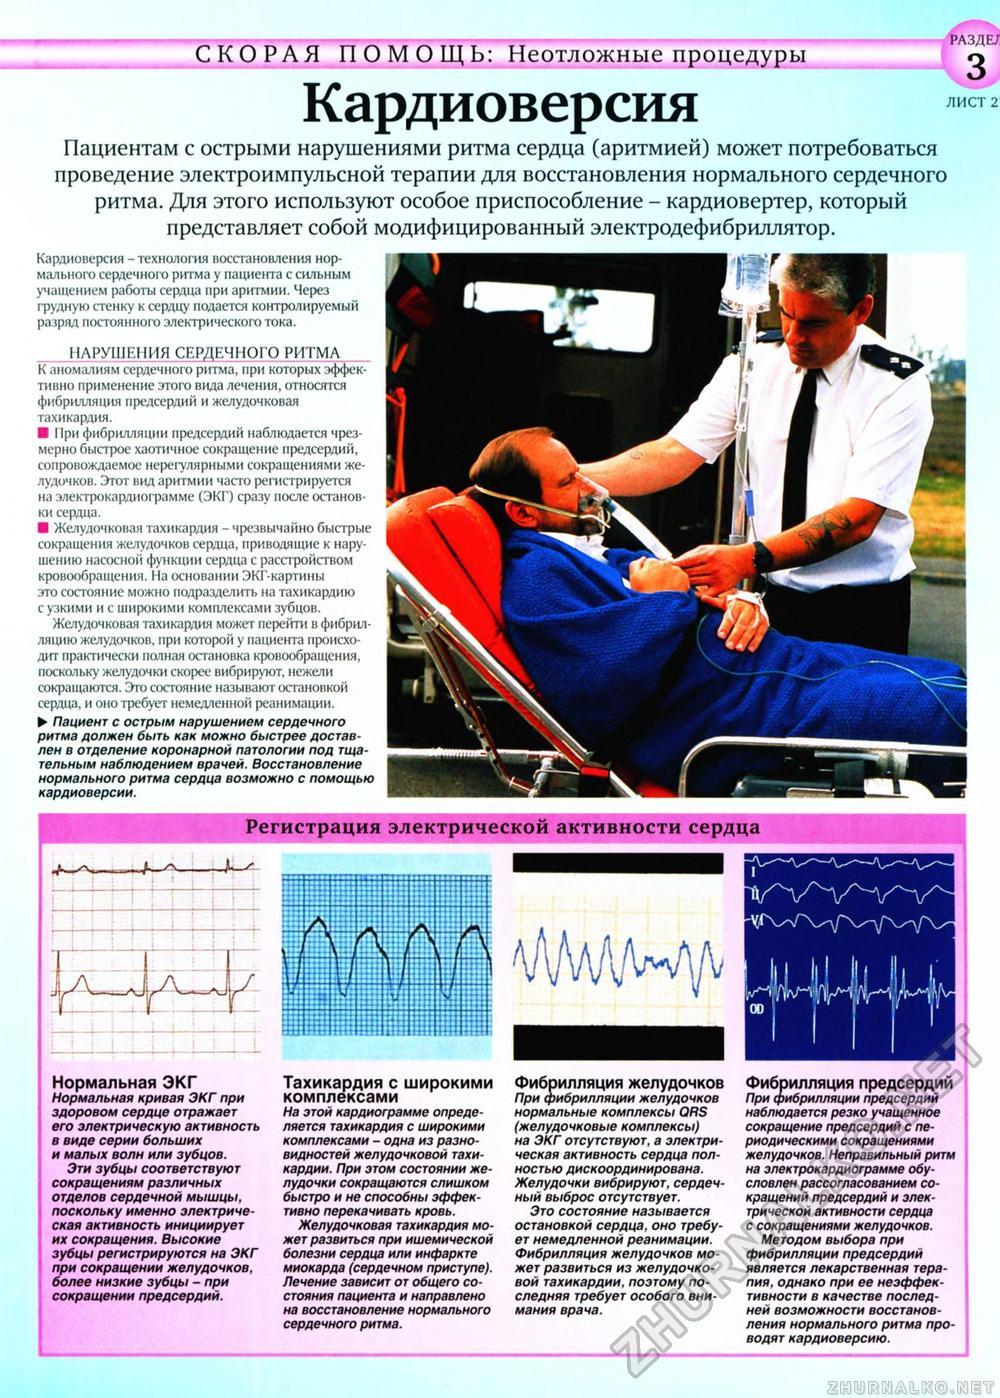 Снять при аритмии сердца в домашних условиях 58